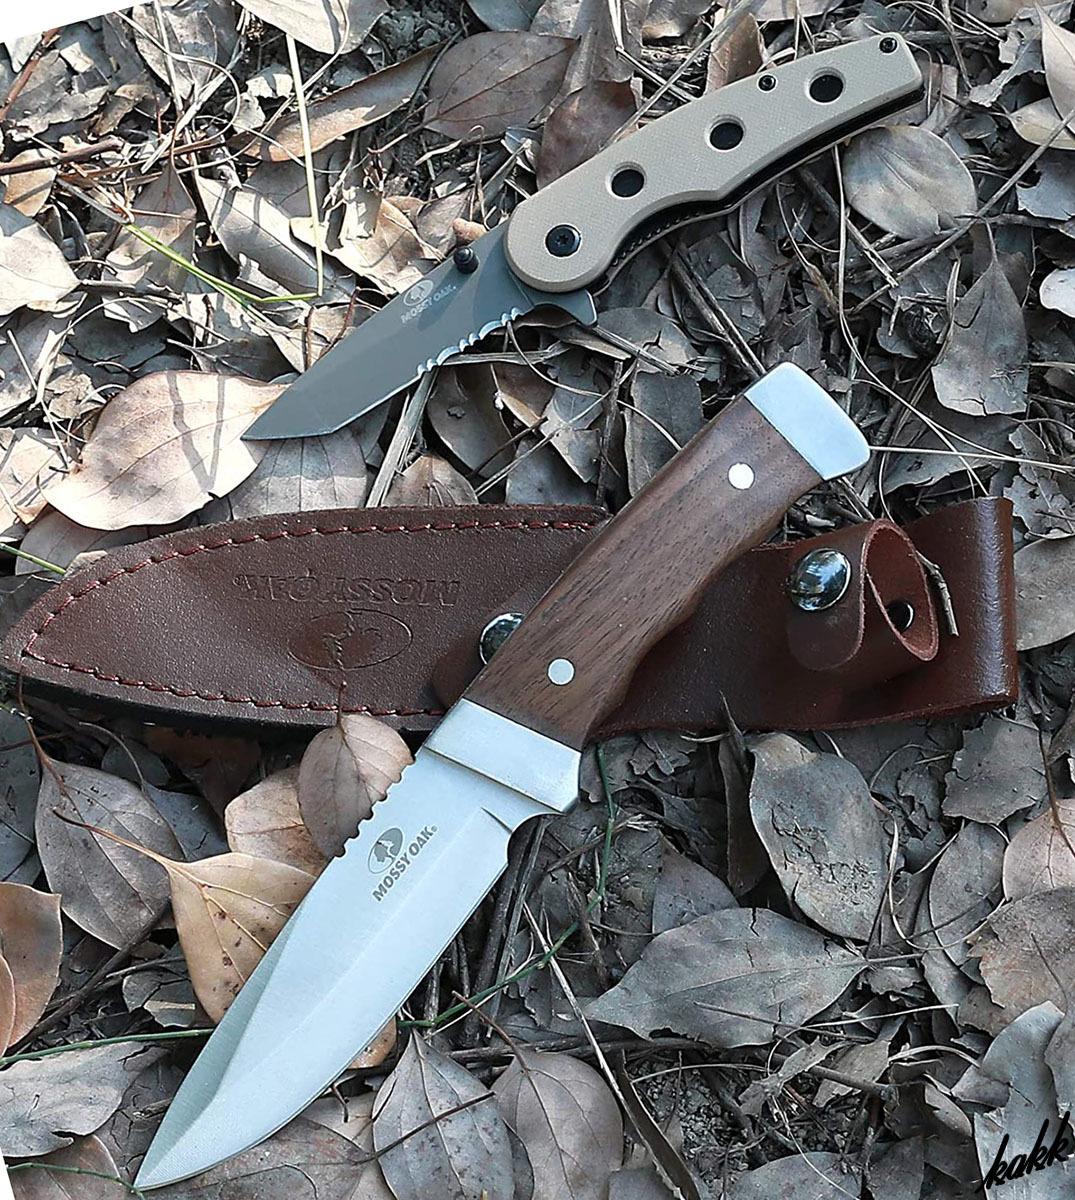 【シースナイフ&フォールディングナイフセット】 フルタング構造 チタンメッキ G10ハンドル ステンレス鋼 狩猟刀 キャンプ サバイバル